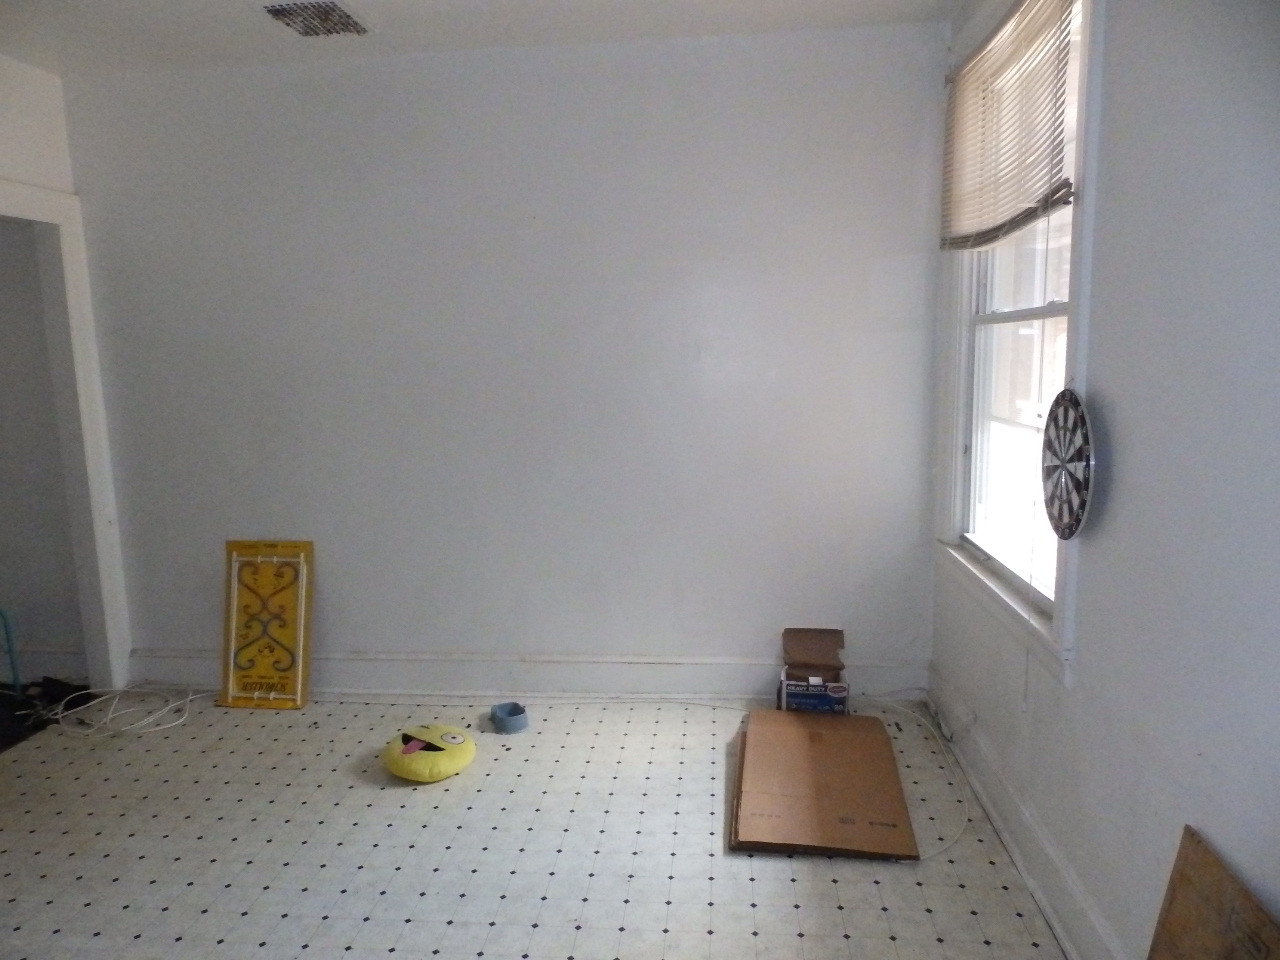 06 - Dining Room.JPG